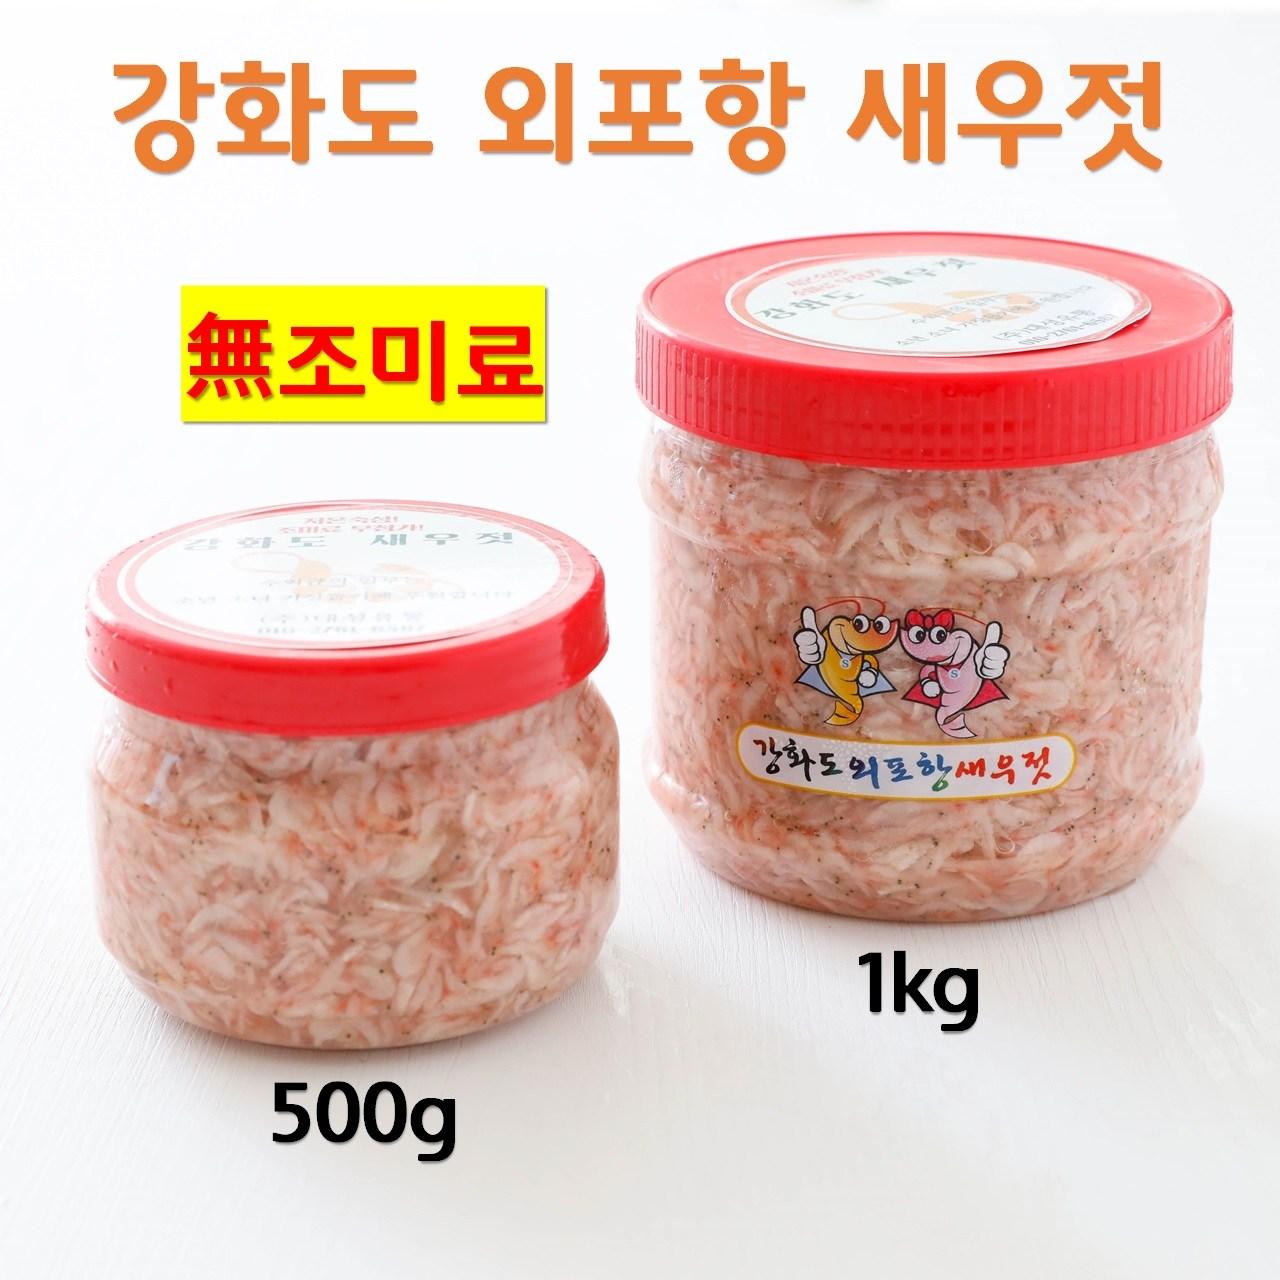 강화도 외포항 새우젓 500g 1kg 무조미료 최고급 MSG무첨가, 1통